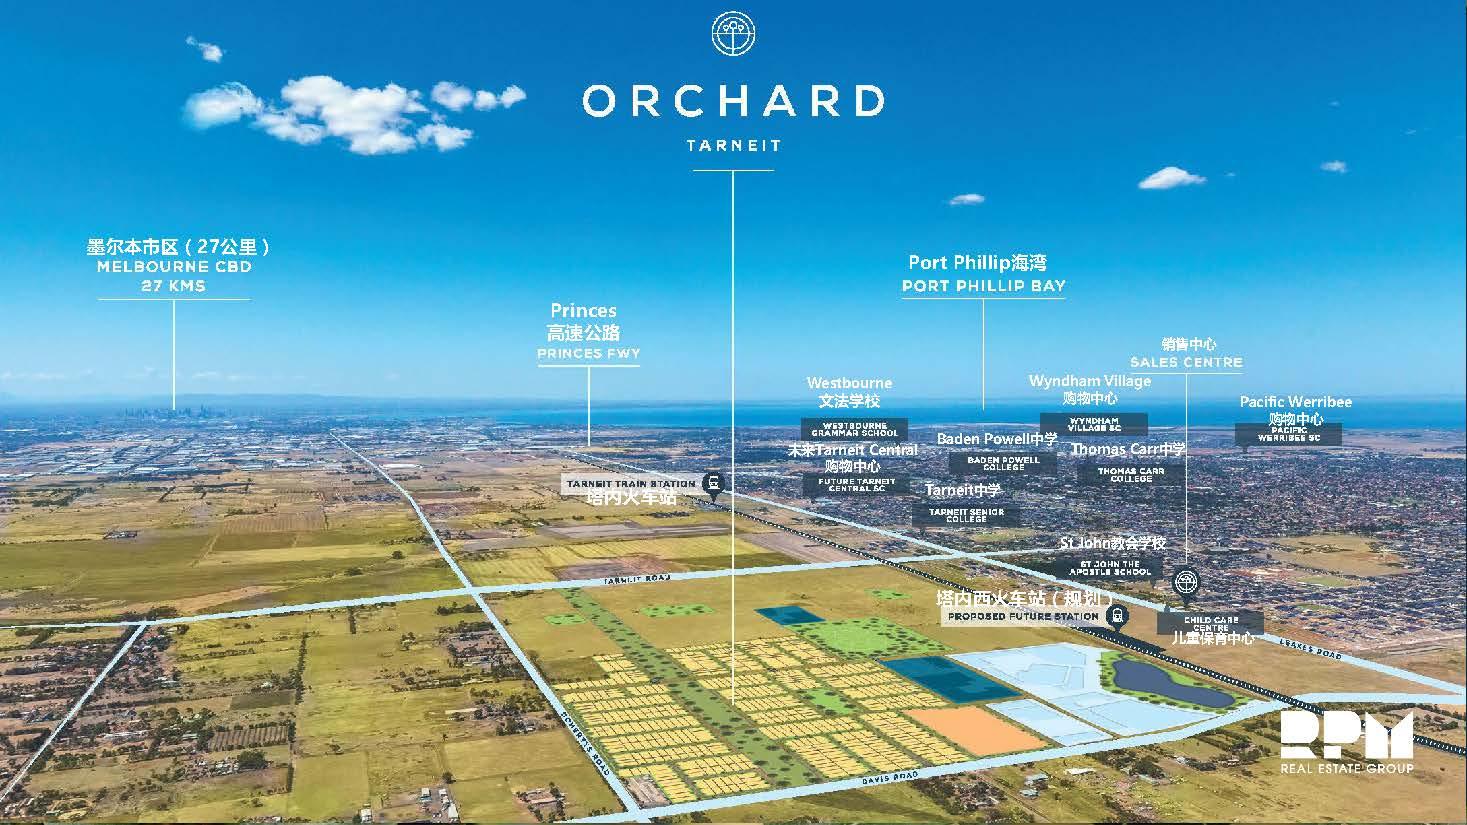 墨尔本西区 澳查德花园Orchard